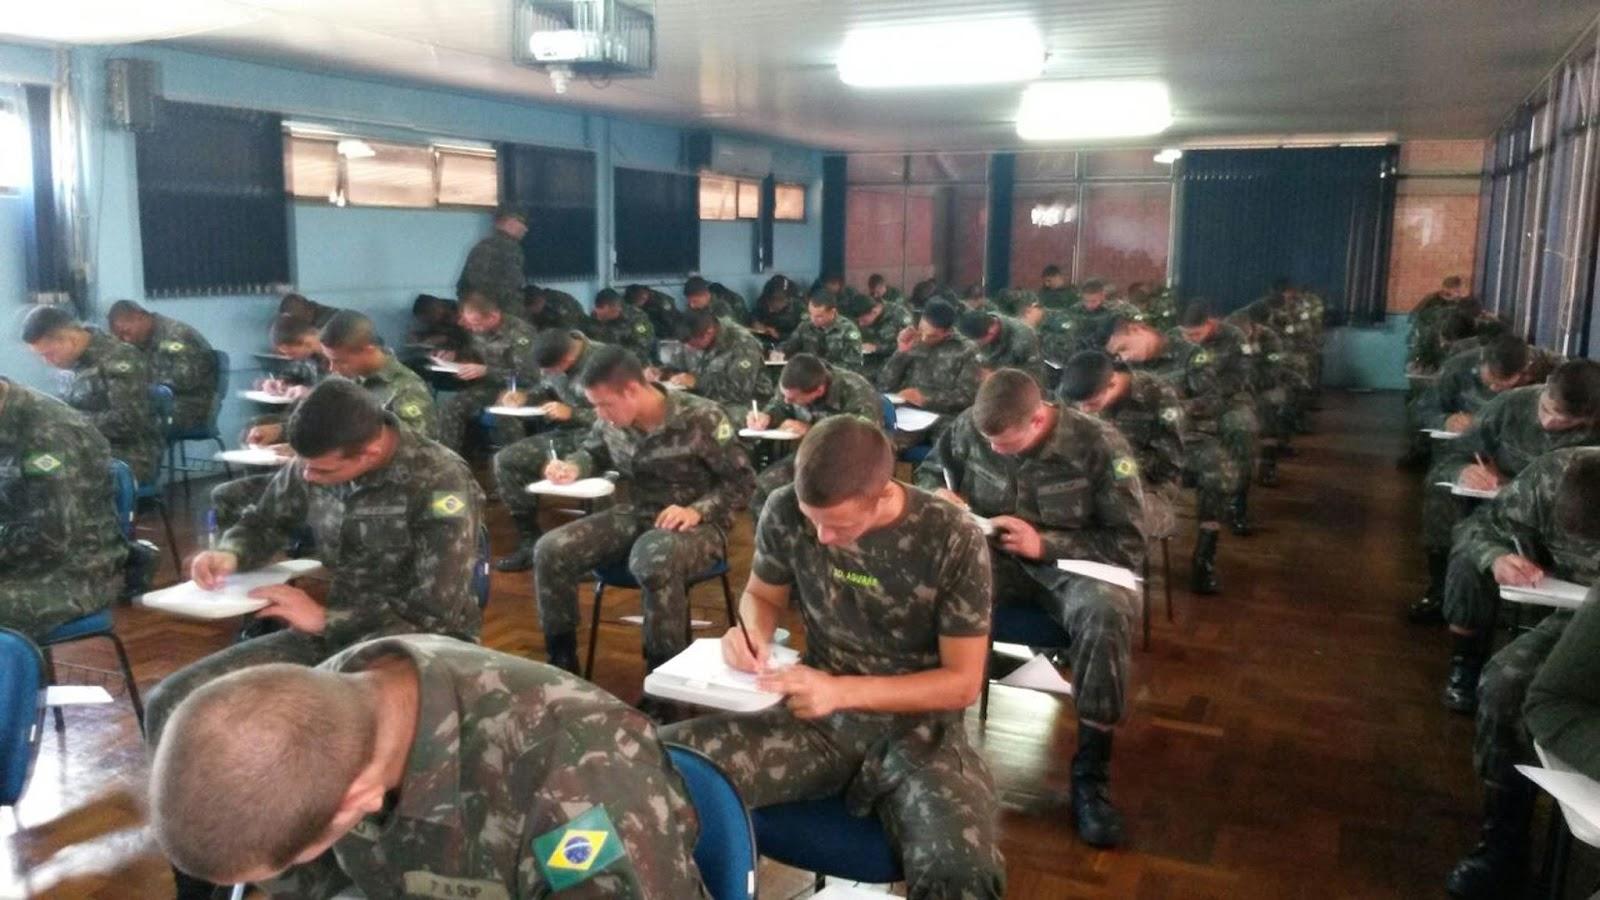 Concurso aberto com 1.100 vagas para os Cursos de Formação de Sargentos do Exército